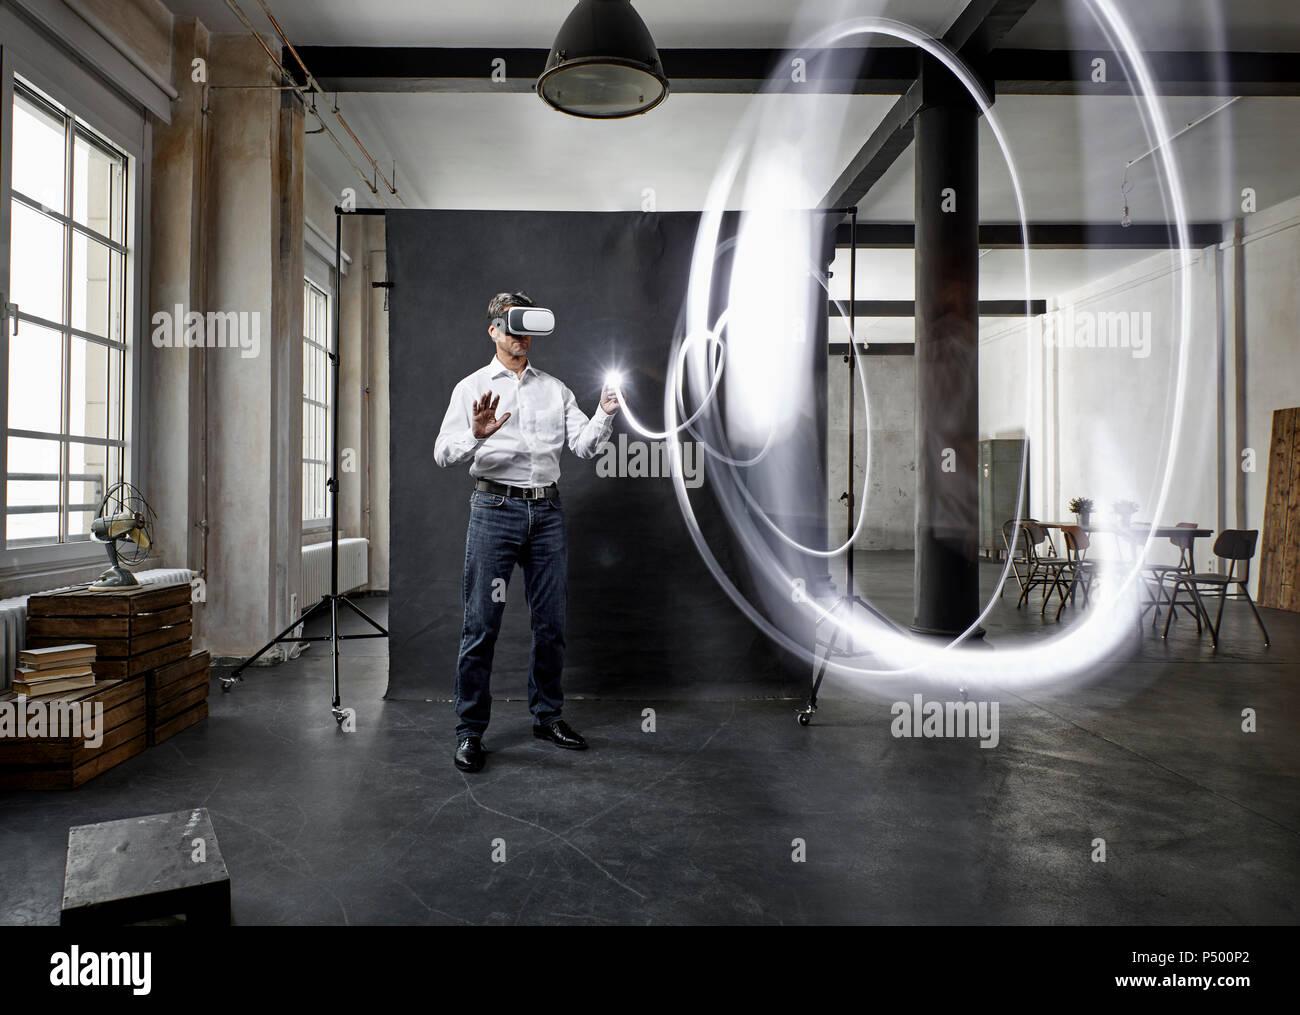 Homme mature avec des lunettes vr light painting en face de toile noire en loft Photo Stock